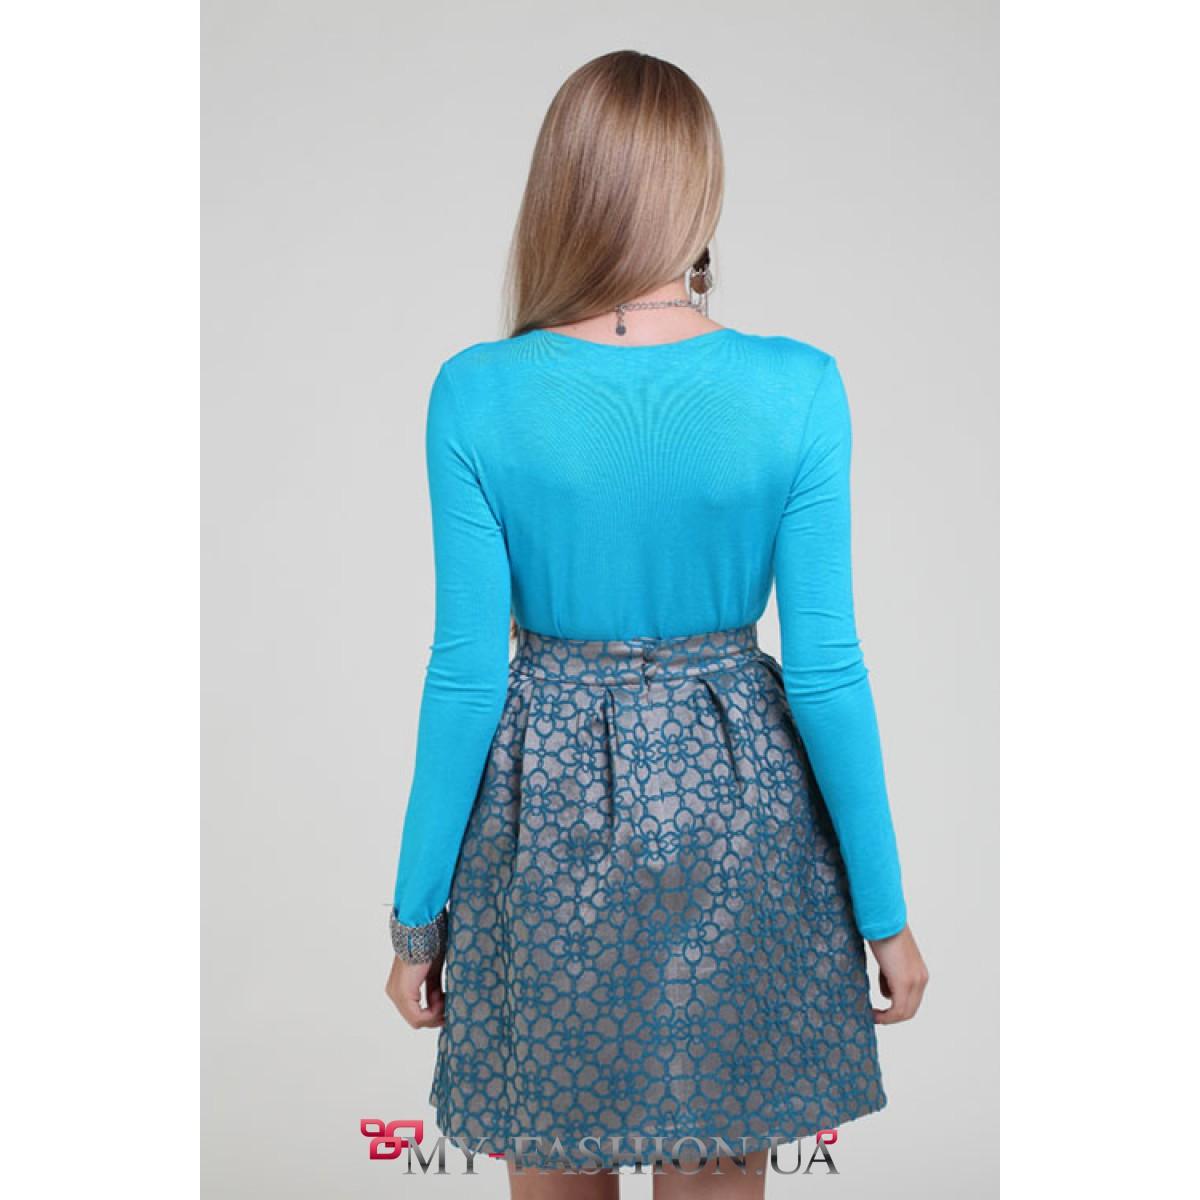 Купить блузки в иванове